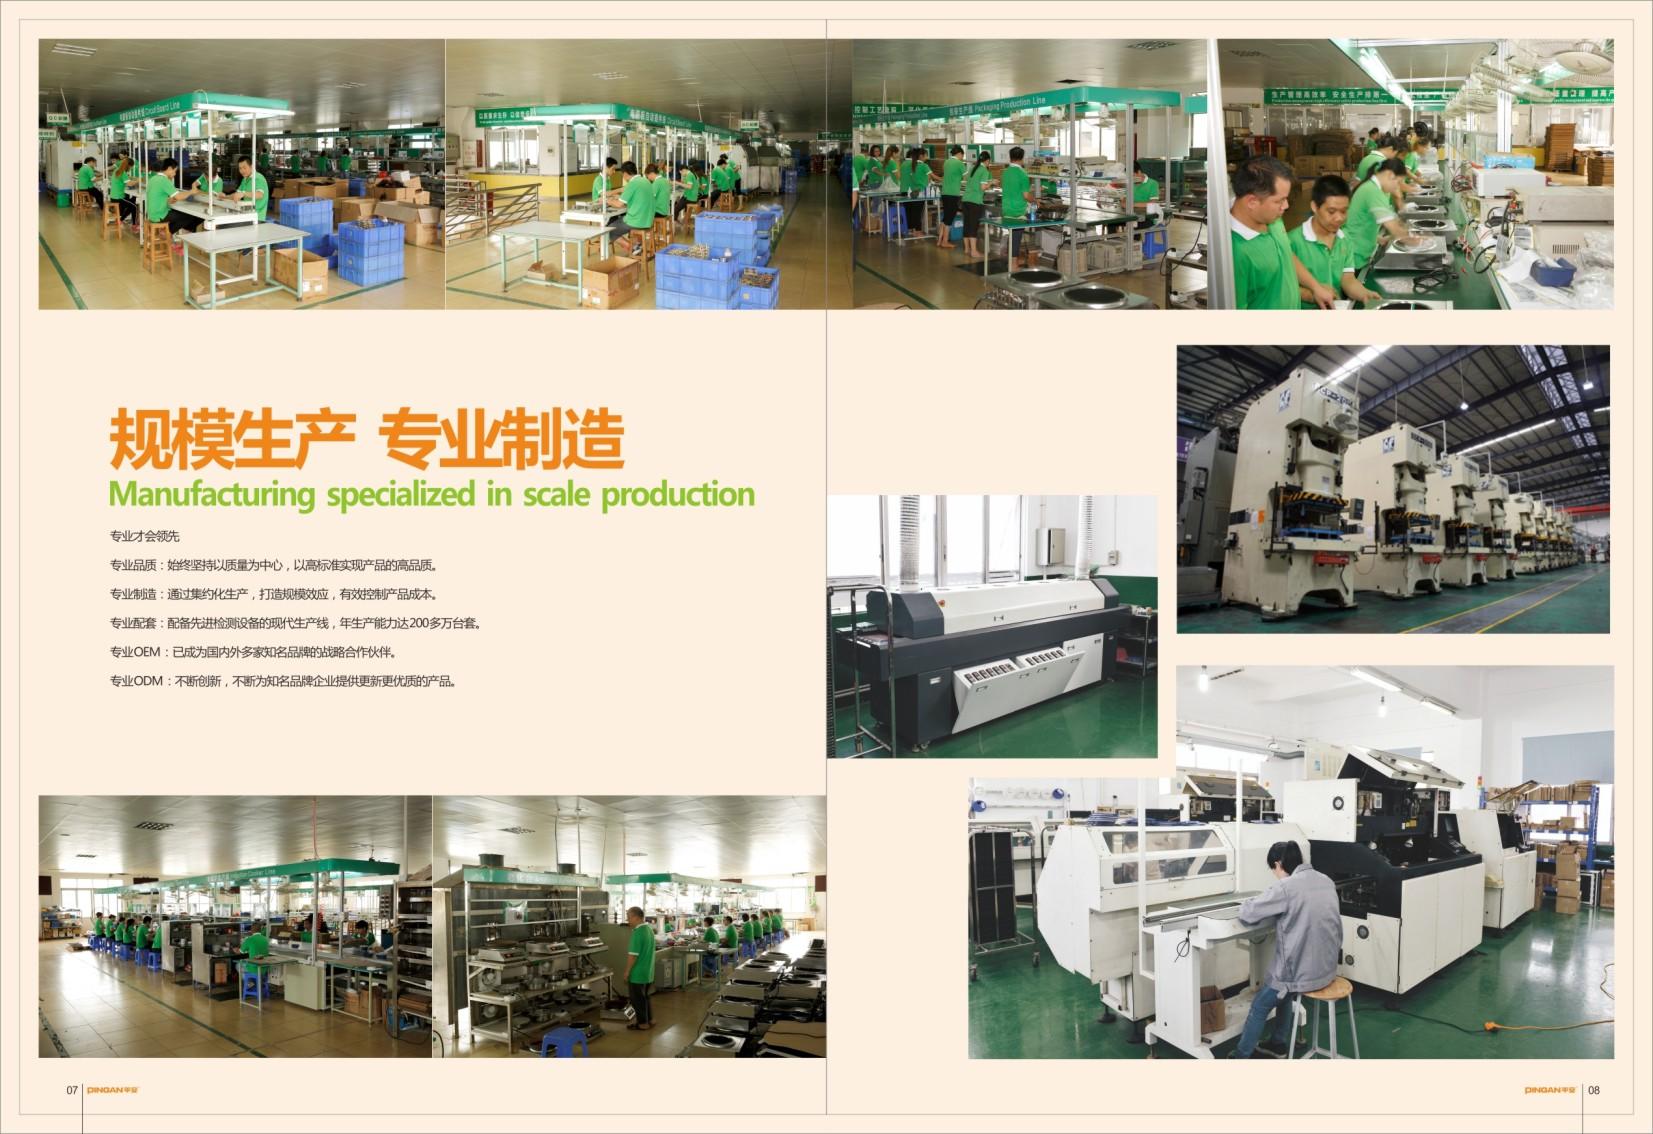 中山市九星电器有限公司_才通国际人才网_job001.cn